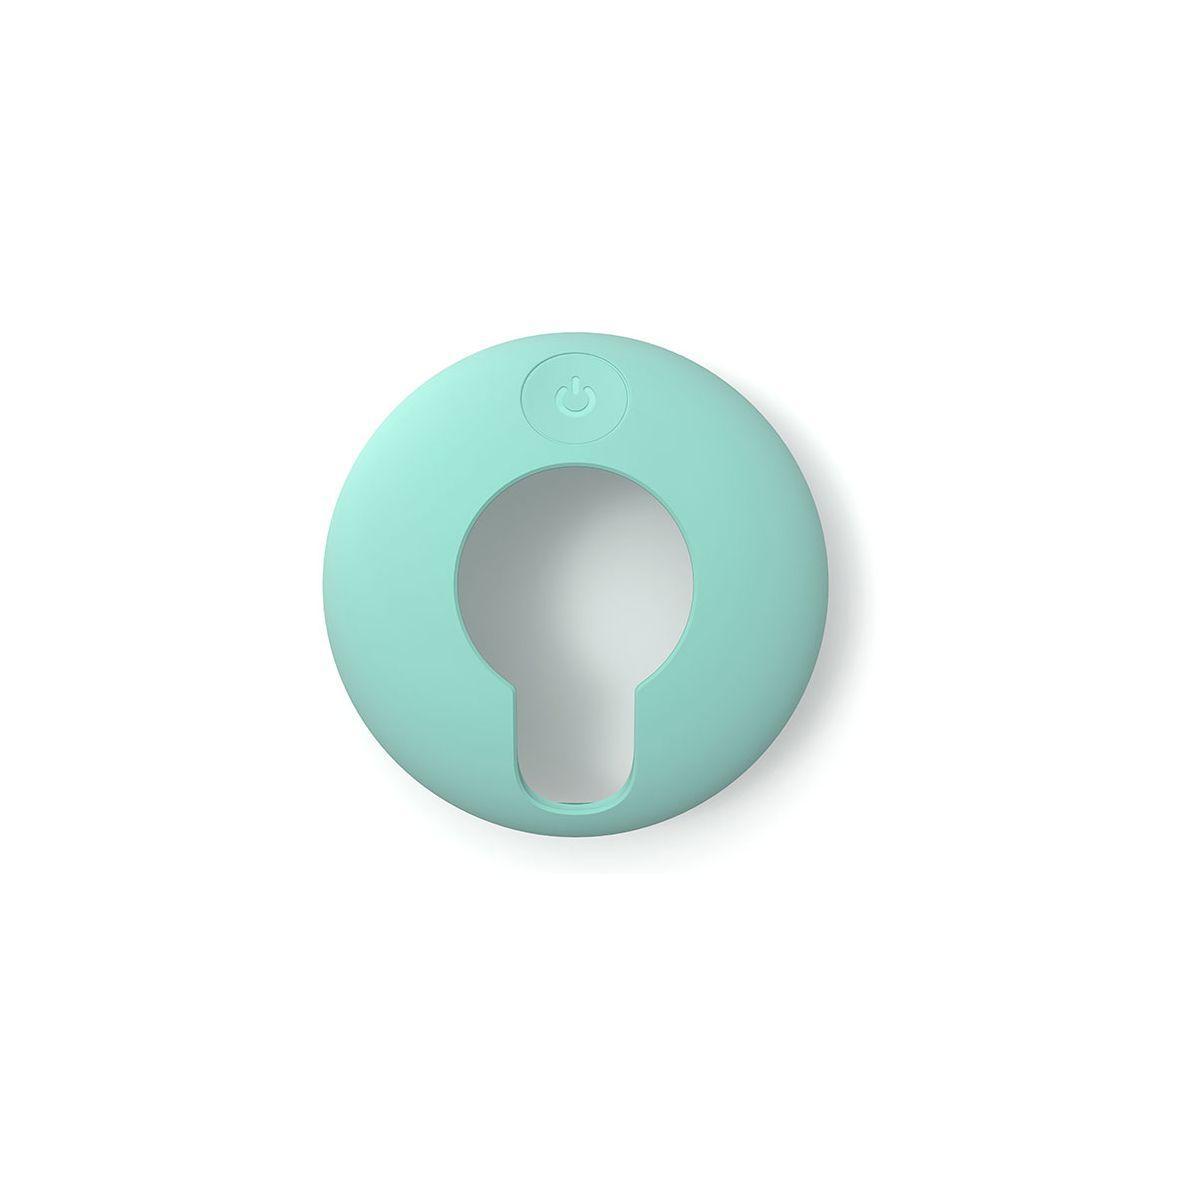 Coque tomtom coque protection silicone verte vio - livraison offerte : code livrelais (photo)